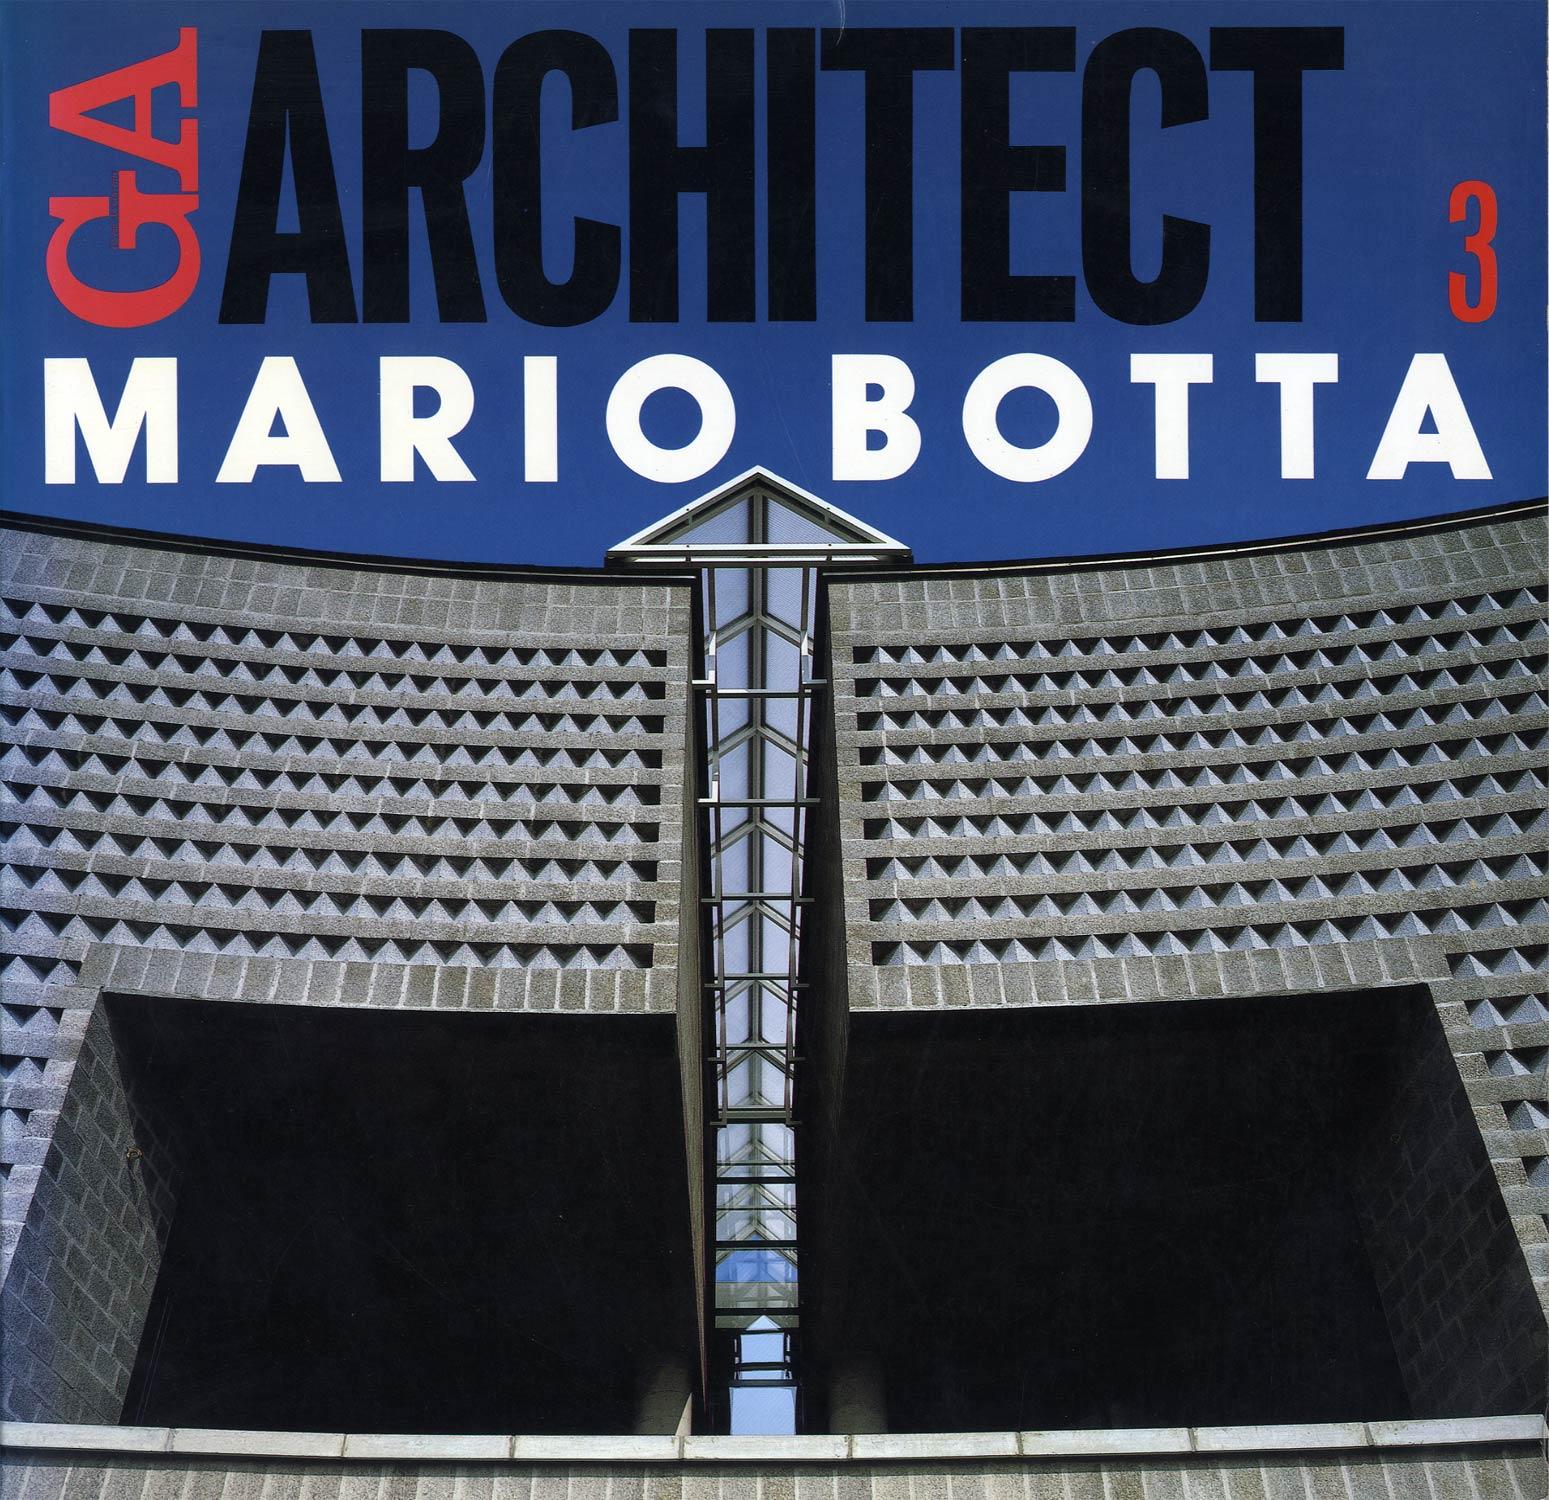 GA ARCHITECT 世界の建築家 3/MARIO BOTTA マリオ・ボッタ